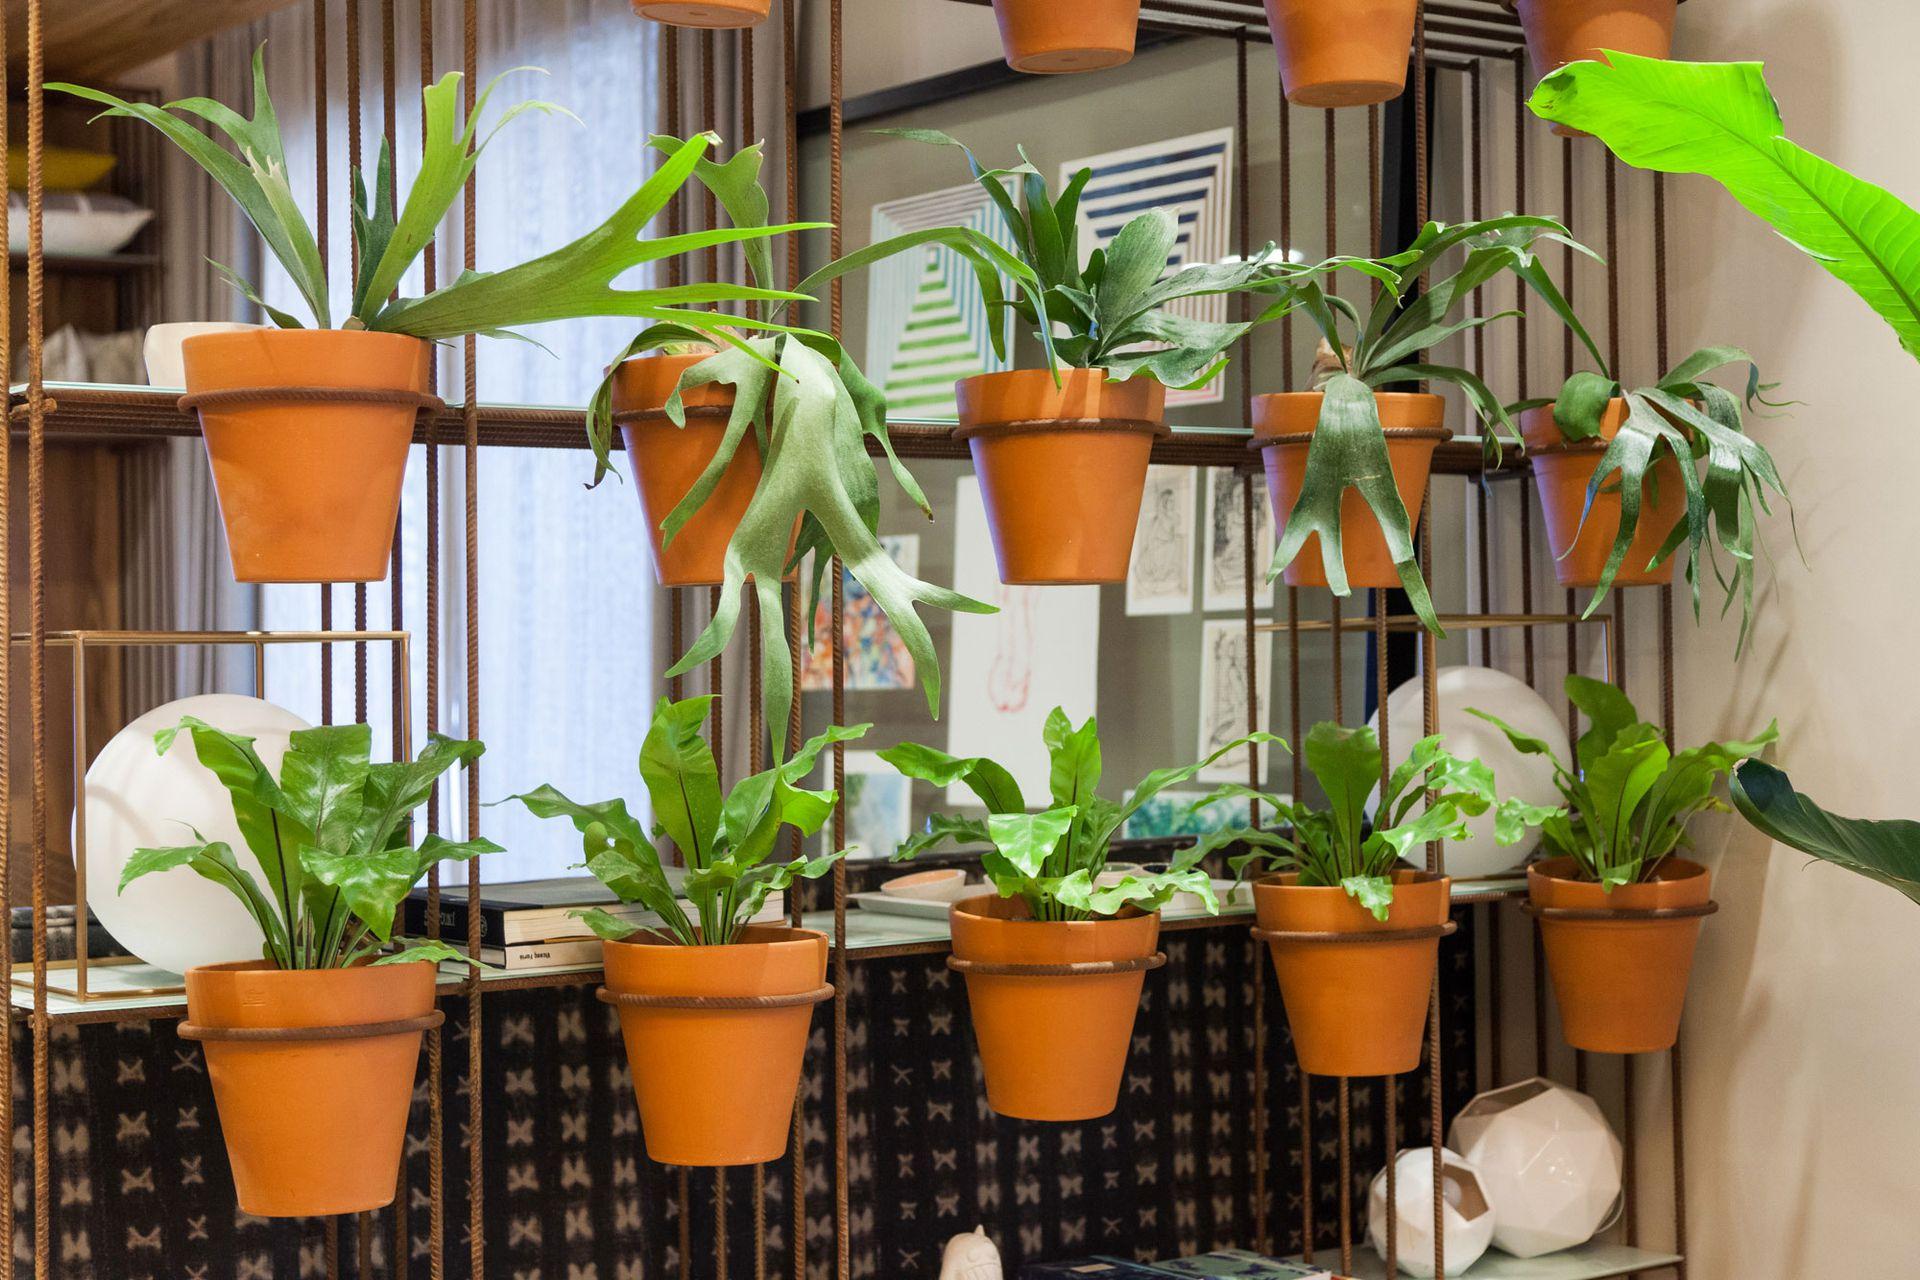 Una de las recomendaciones para las plantas de interior, es no exponerlas a corrientes frías de aire.